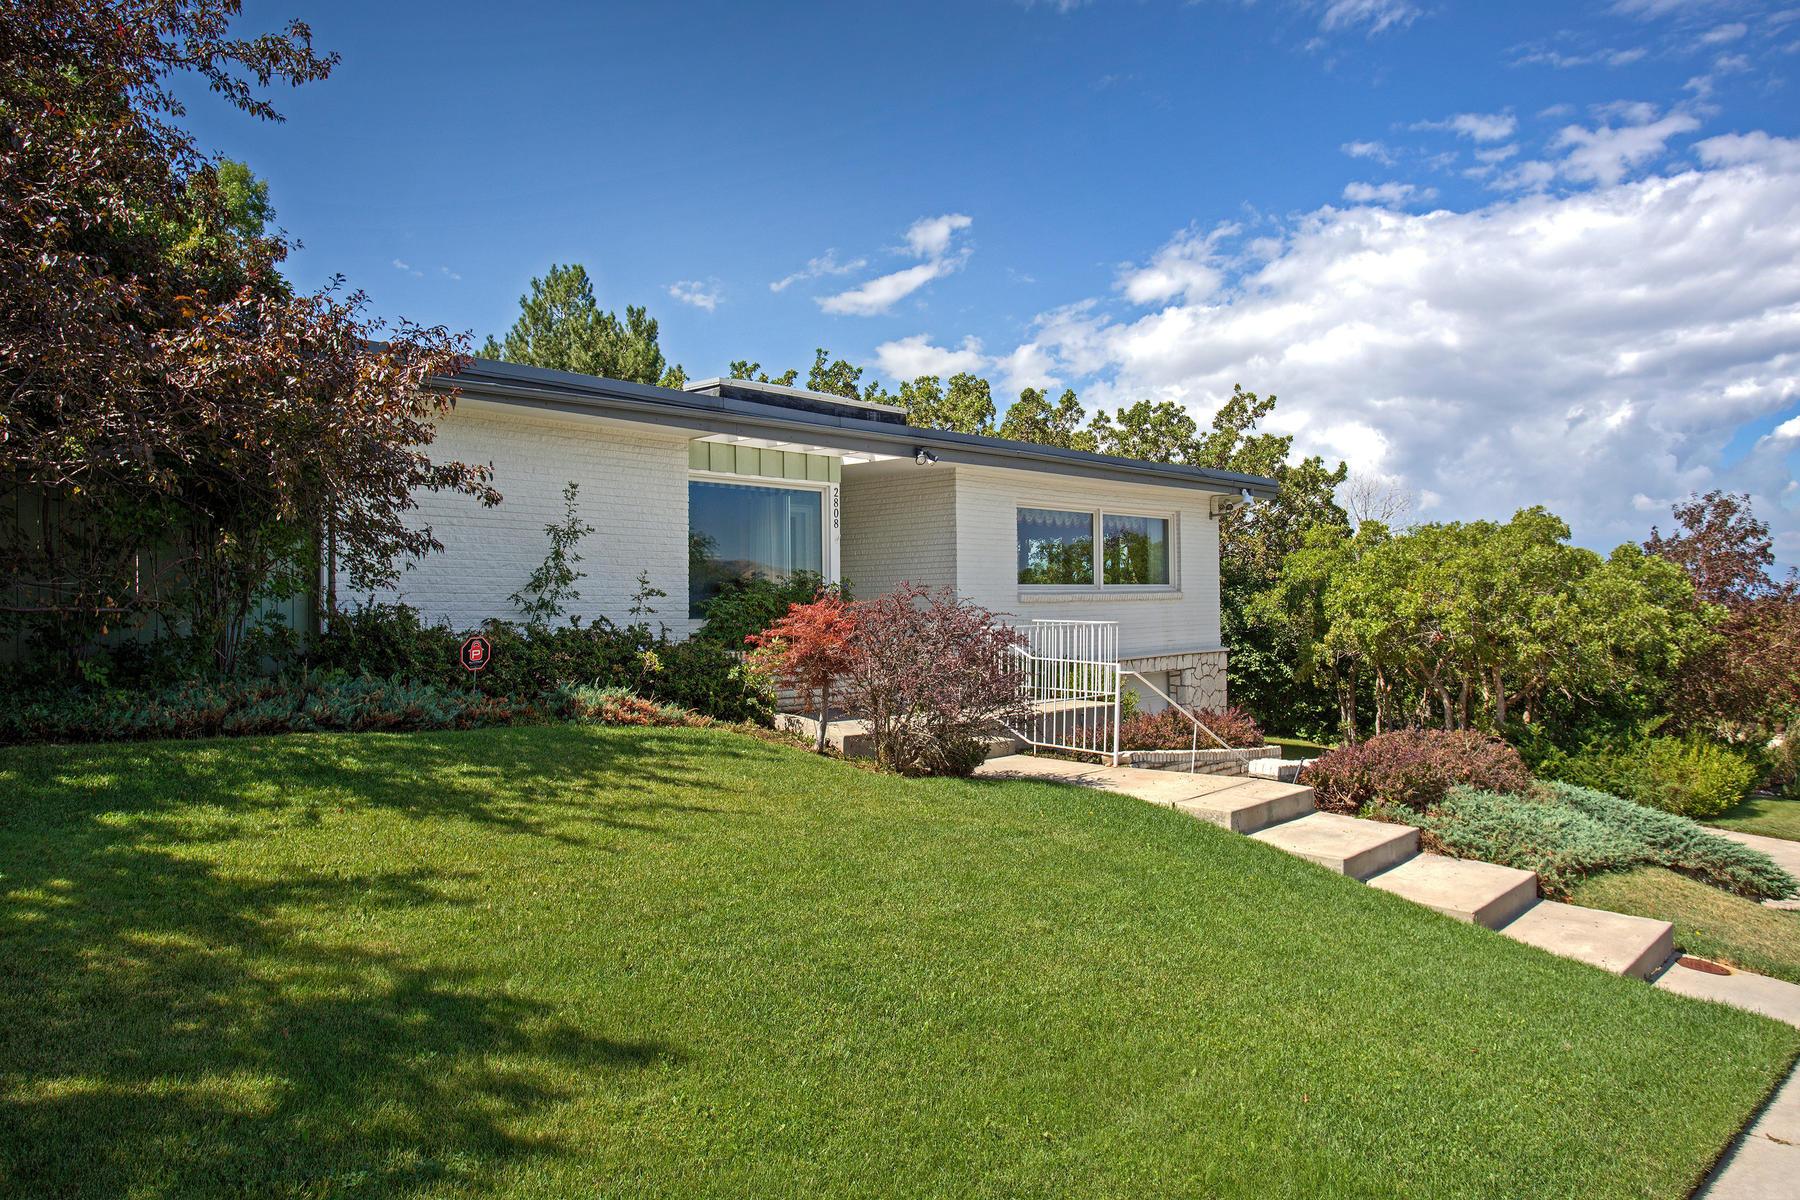 Частный односемейный дом для того Продажа на 2808 E Oquirrh Dr Salt Lake City, Юта, 84108 Соединенные Штаты